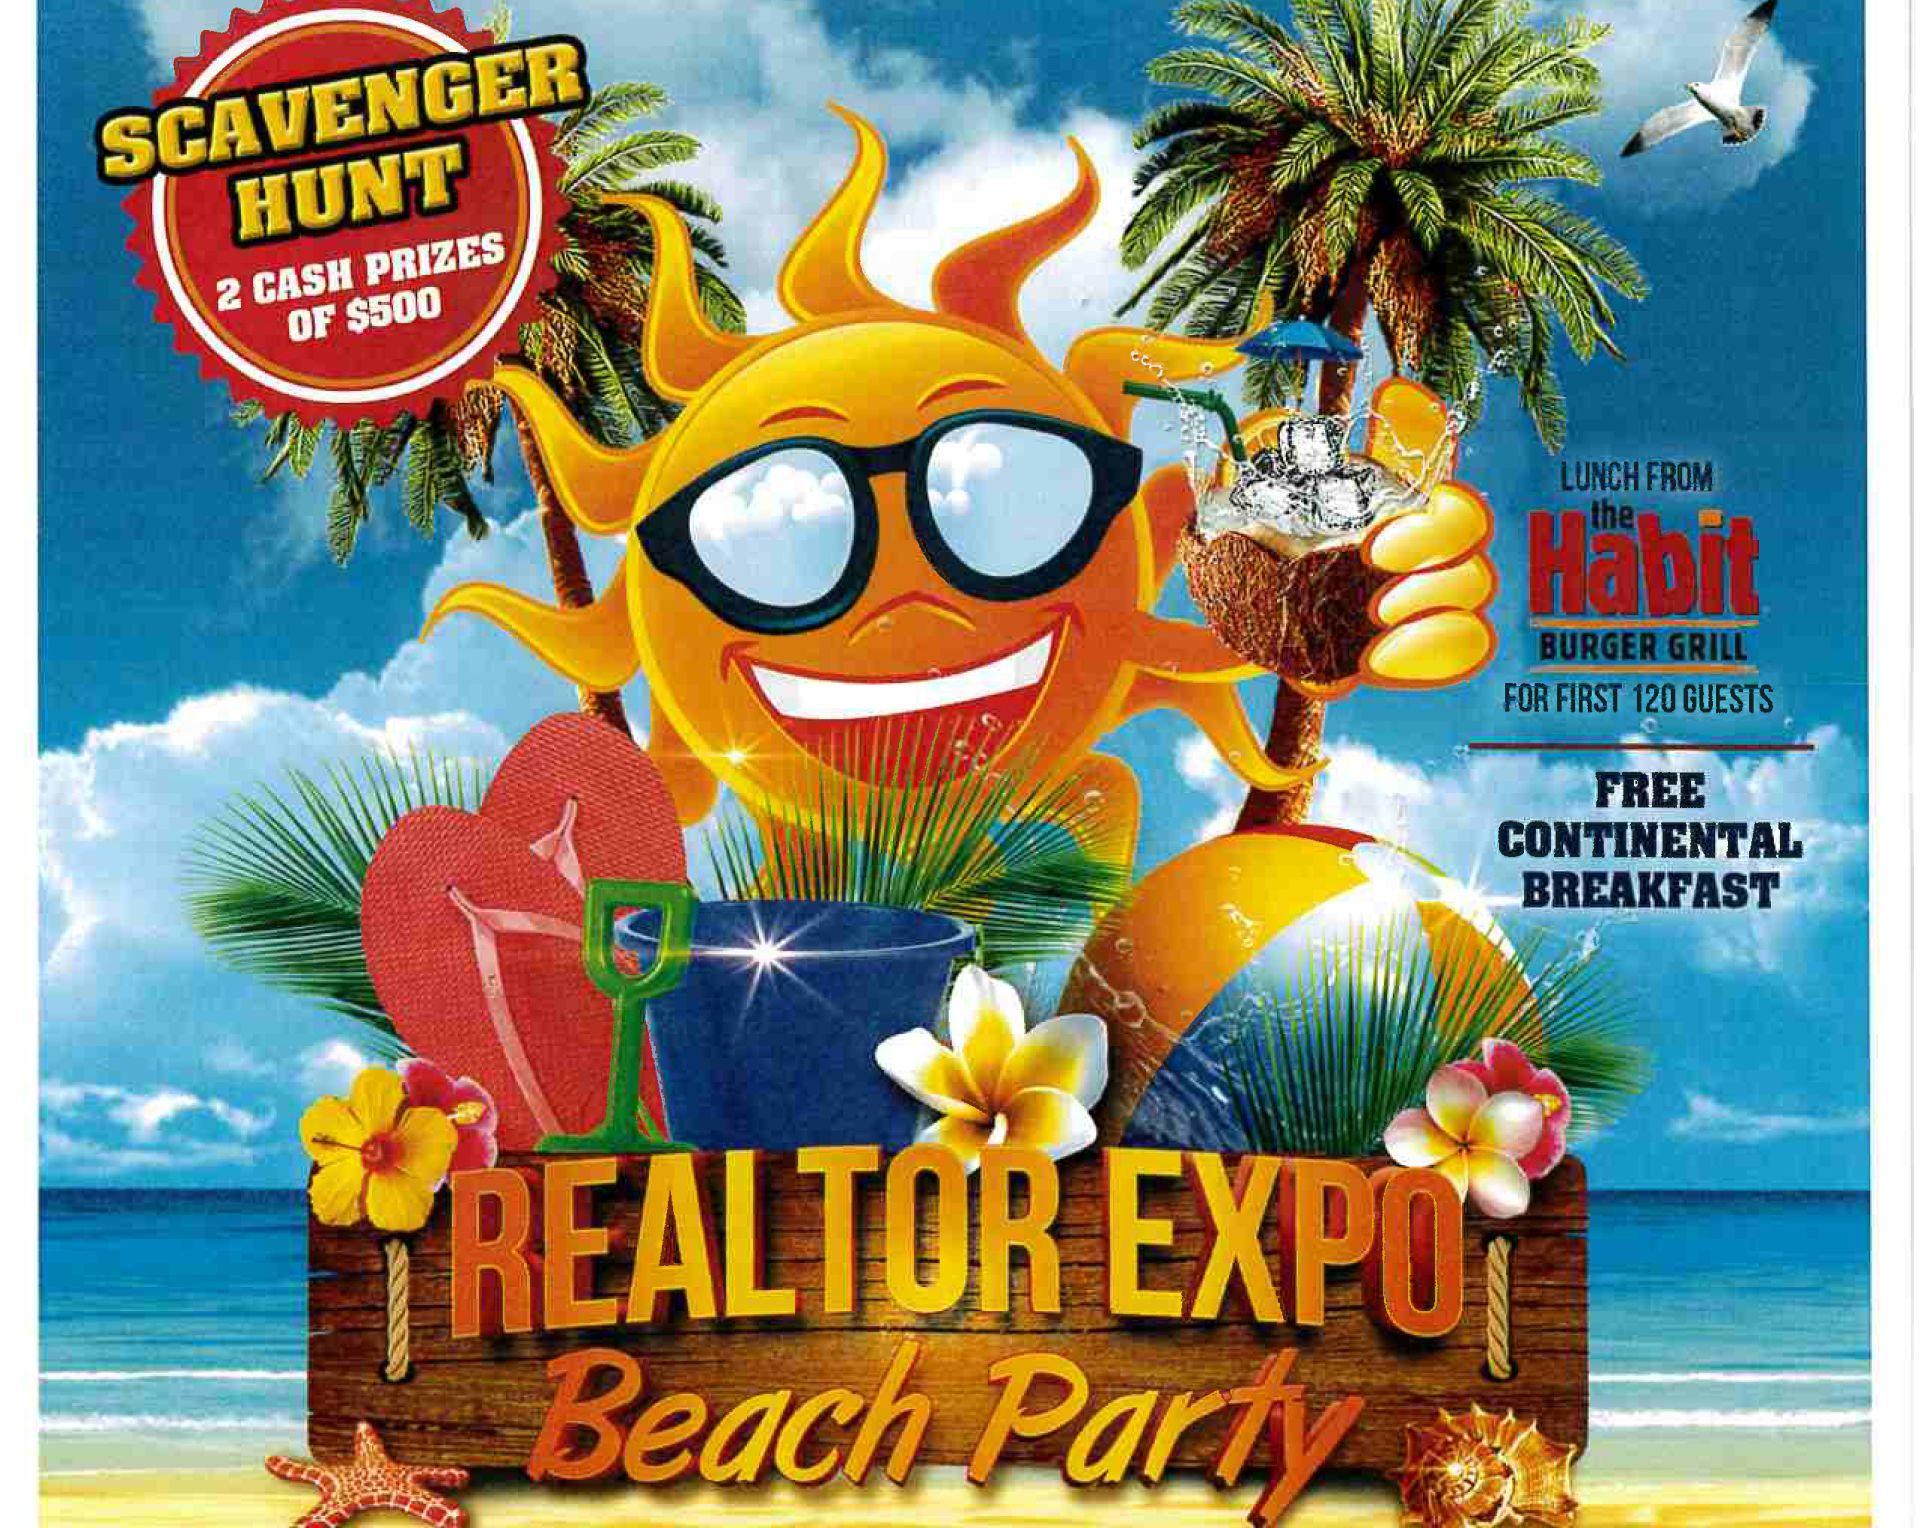 REALTOR® Expo Beach Party 2019